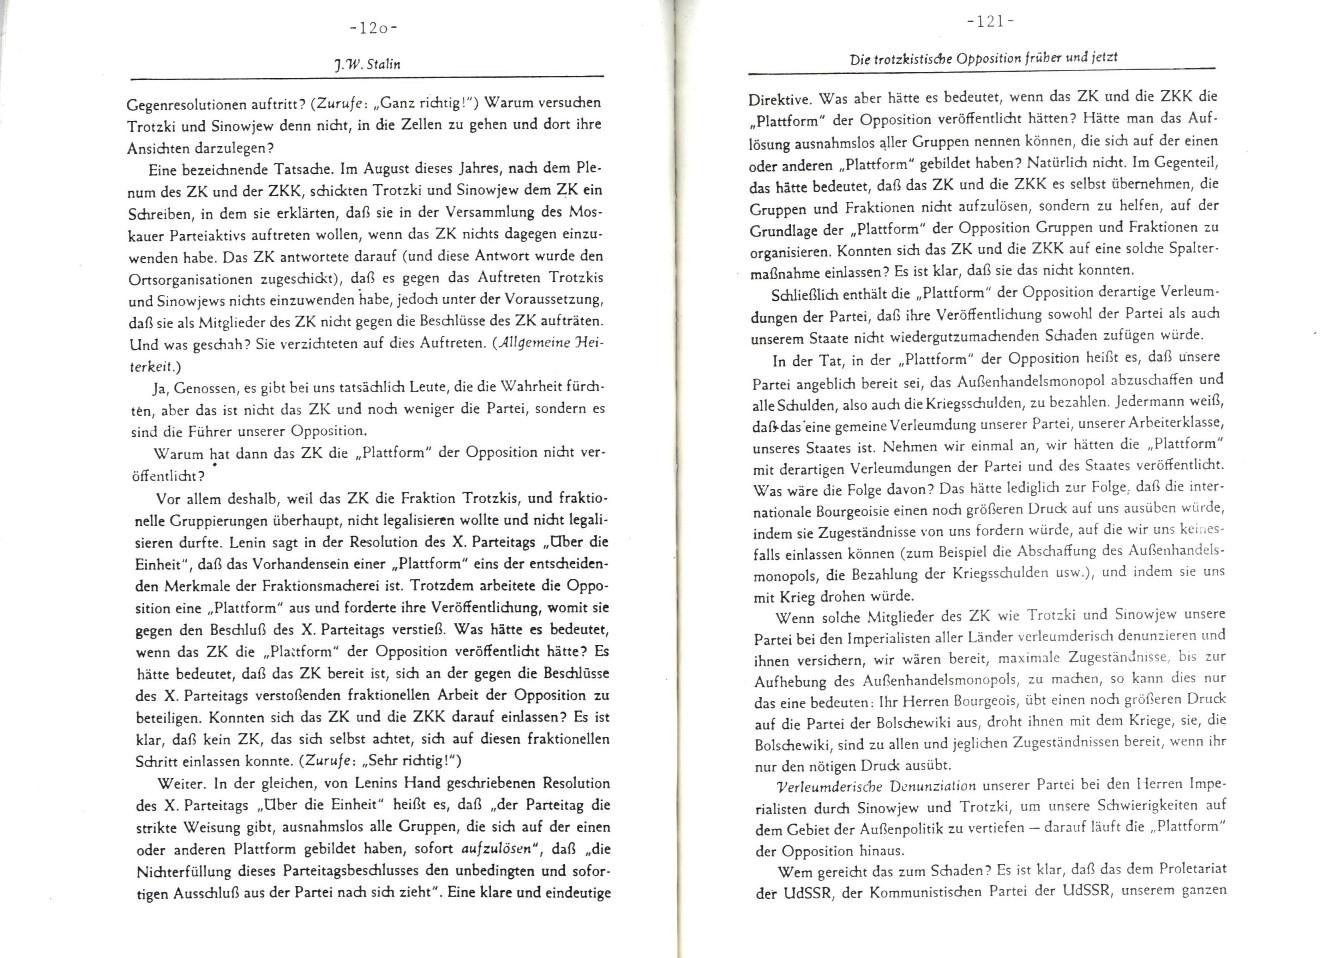 MLSK_Theorie_und_Praxis_des_ML_1979_25_61